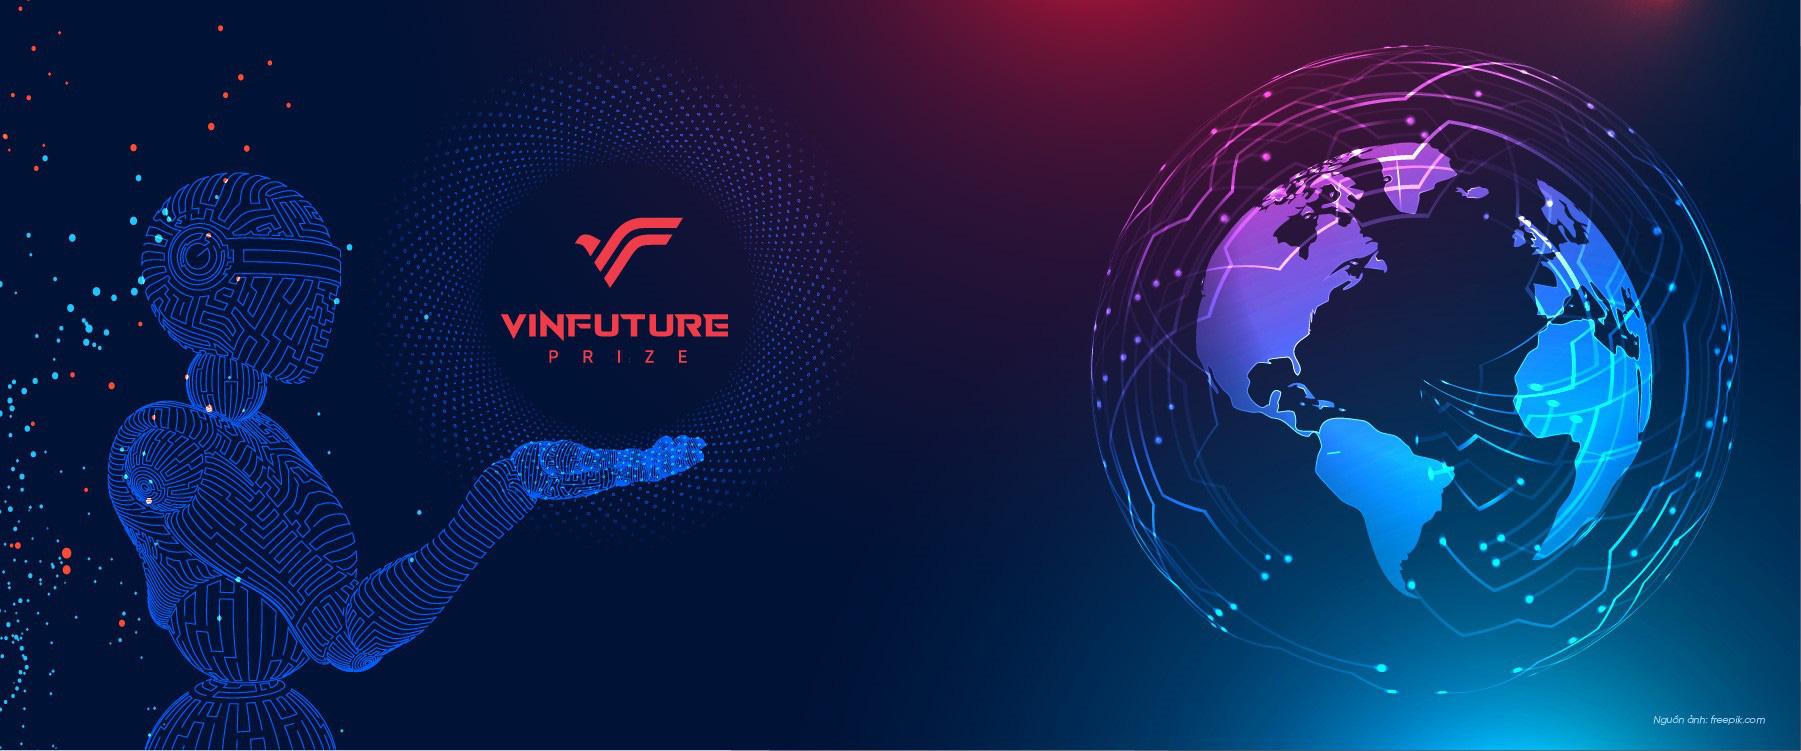 Công bố giải thưởng toàn cầu VinFuture - Ảnh 2.